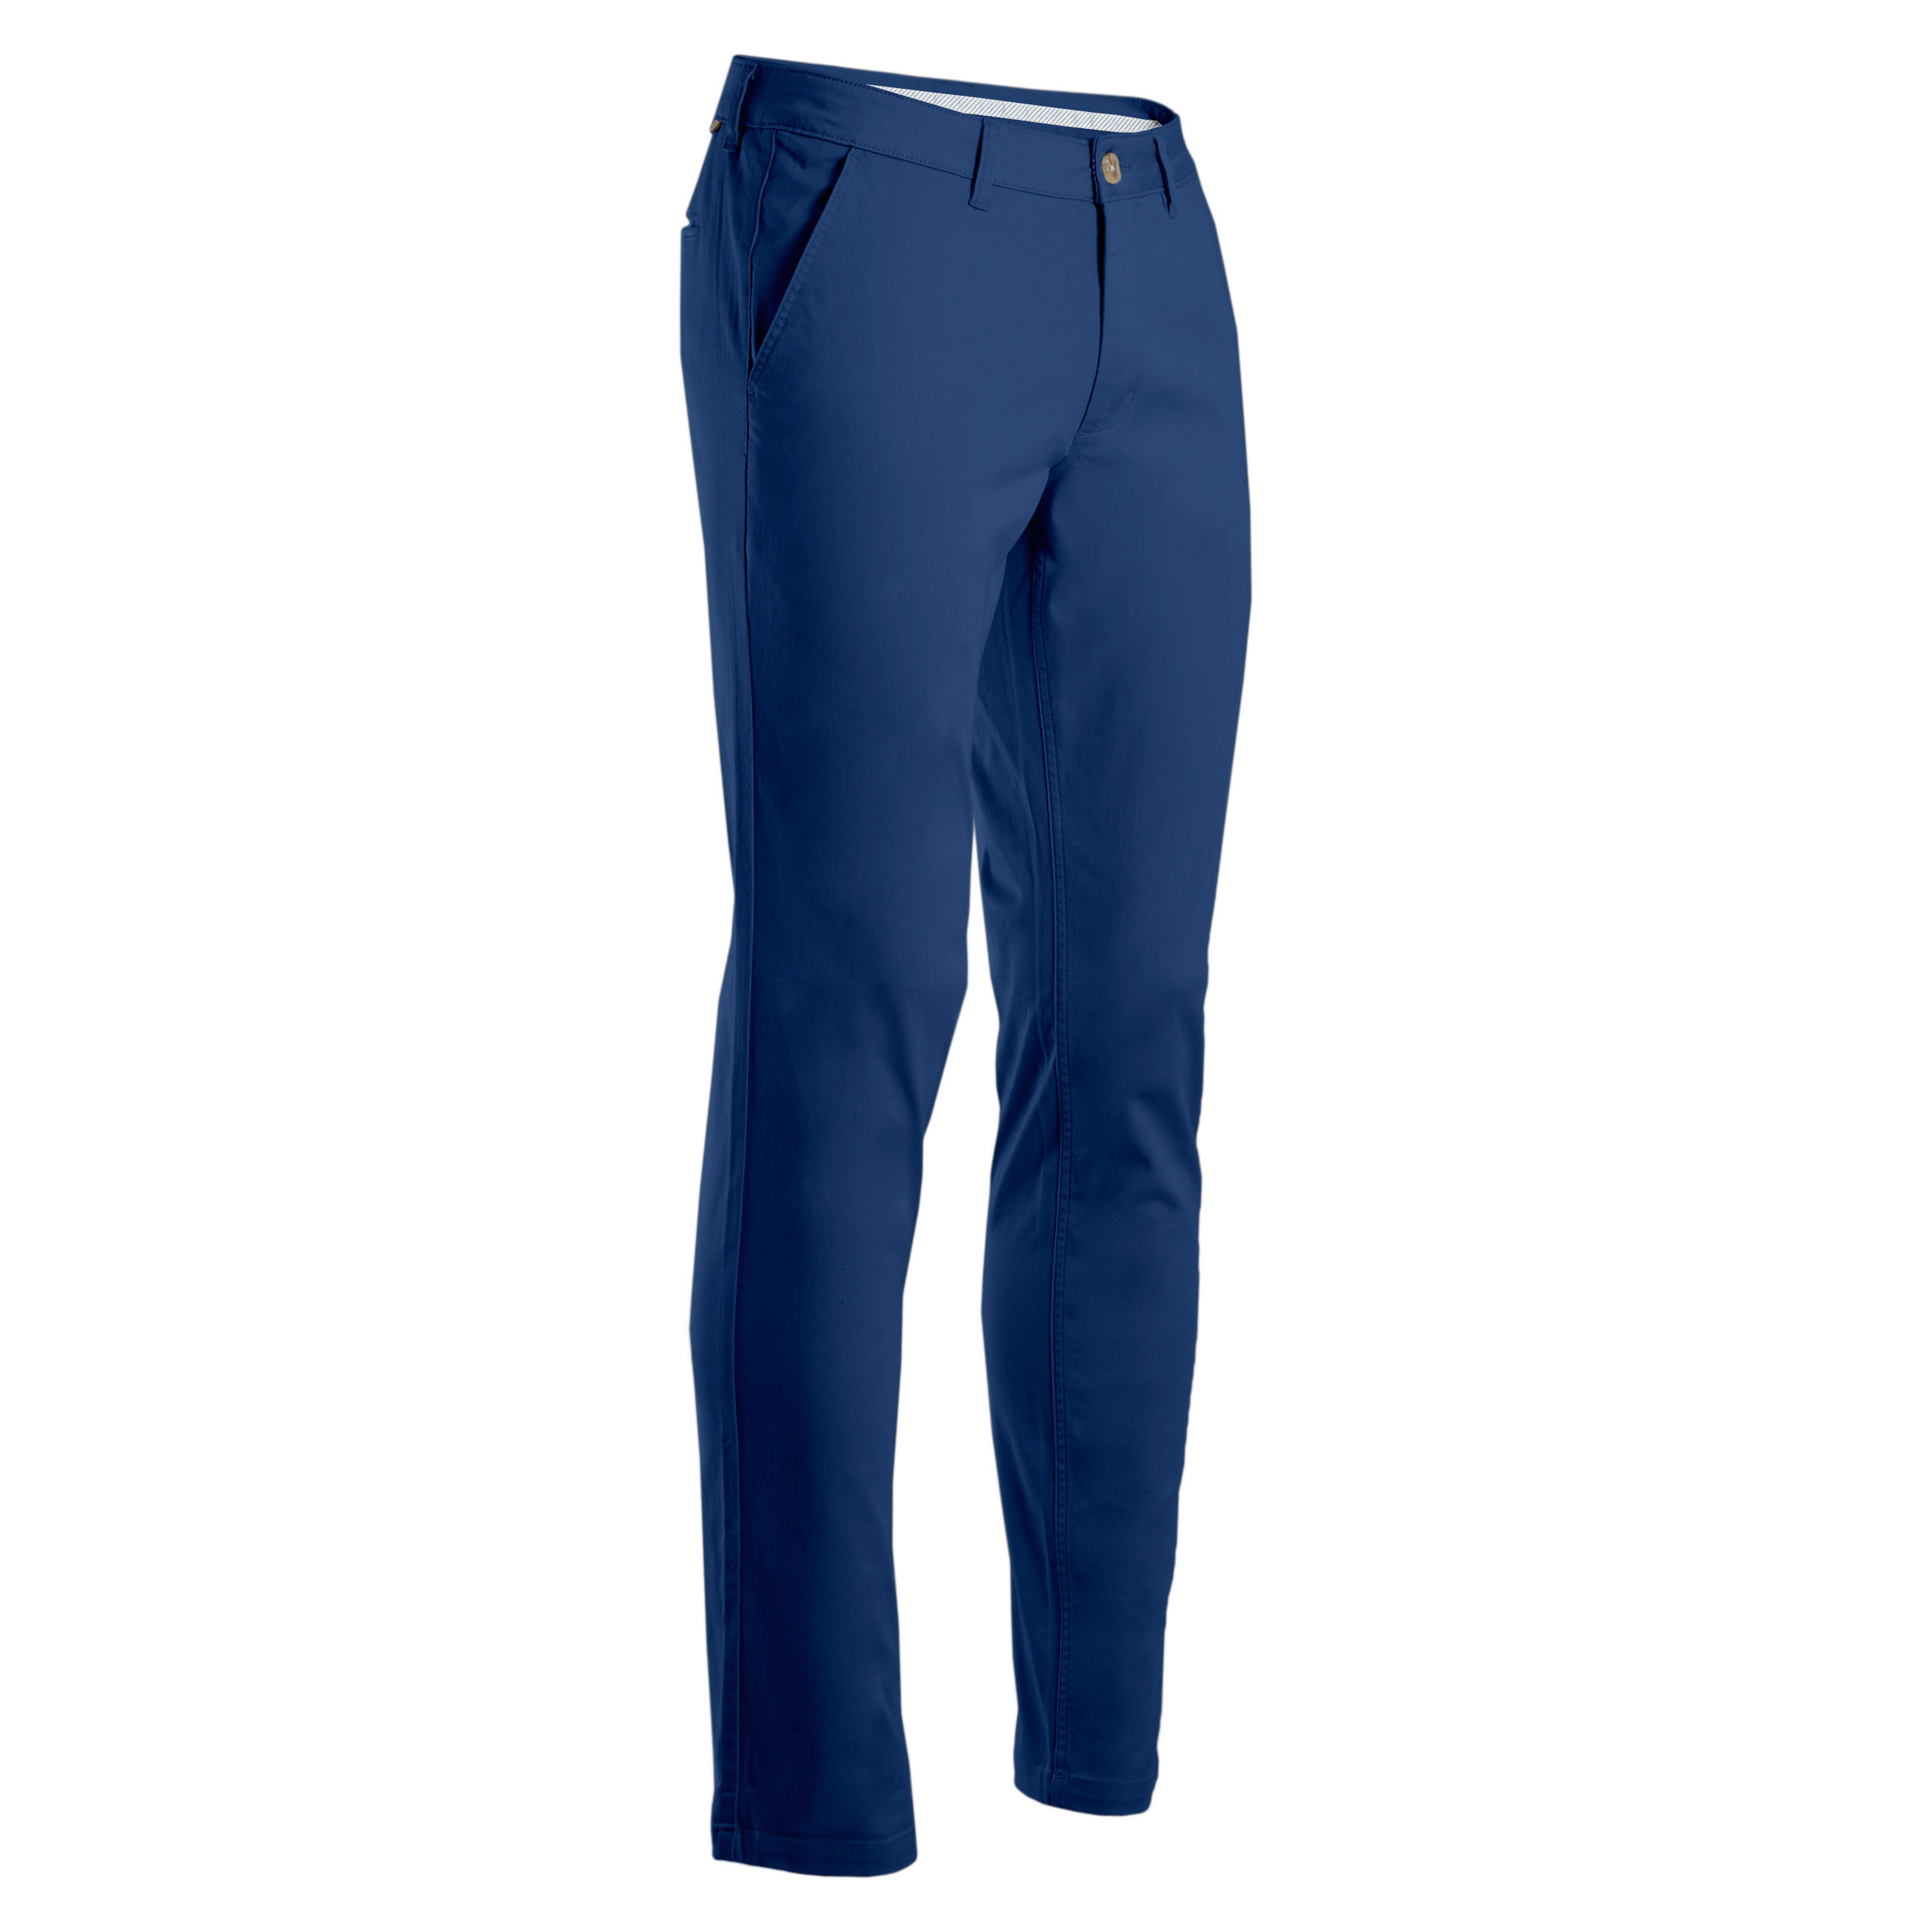 Pantalon Golf Albastru Bărbați imagine